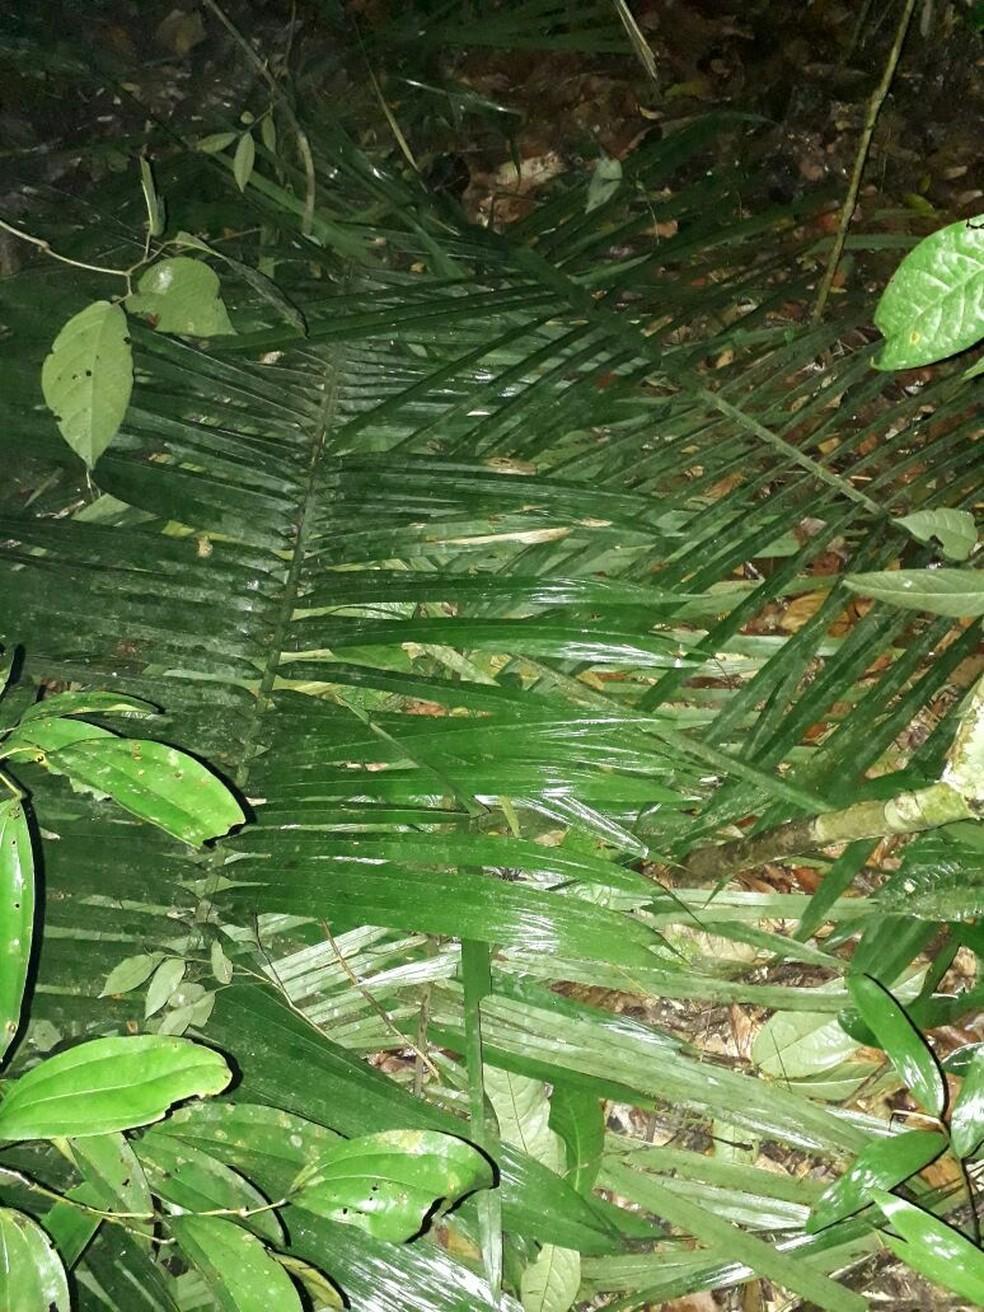 Crianças fizeram cama usando folhas de coqueiro e dormiram na mata (Foto: Polícia Militar de Mato Grosso)